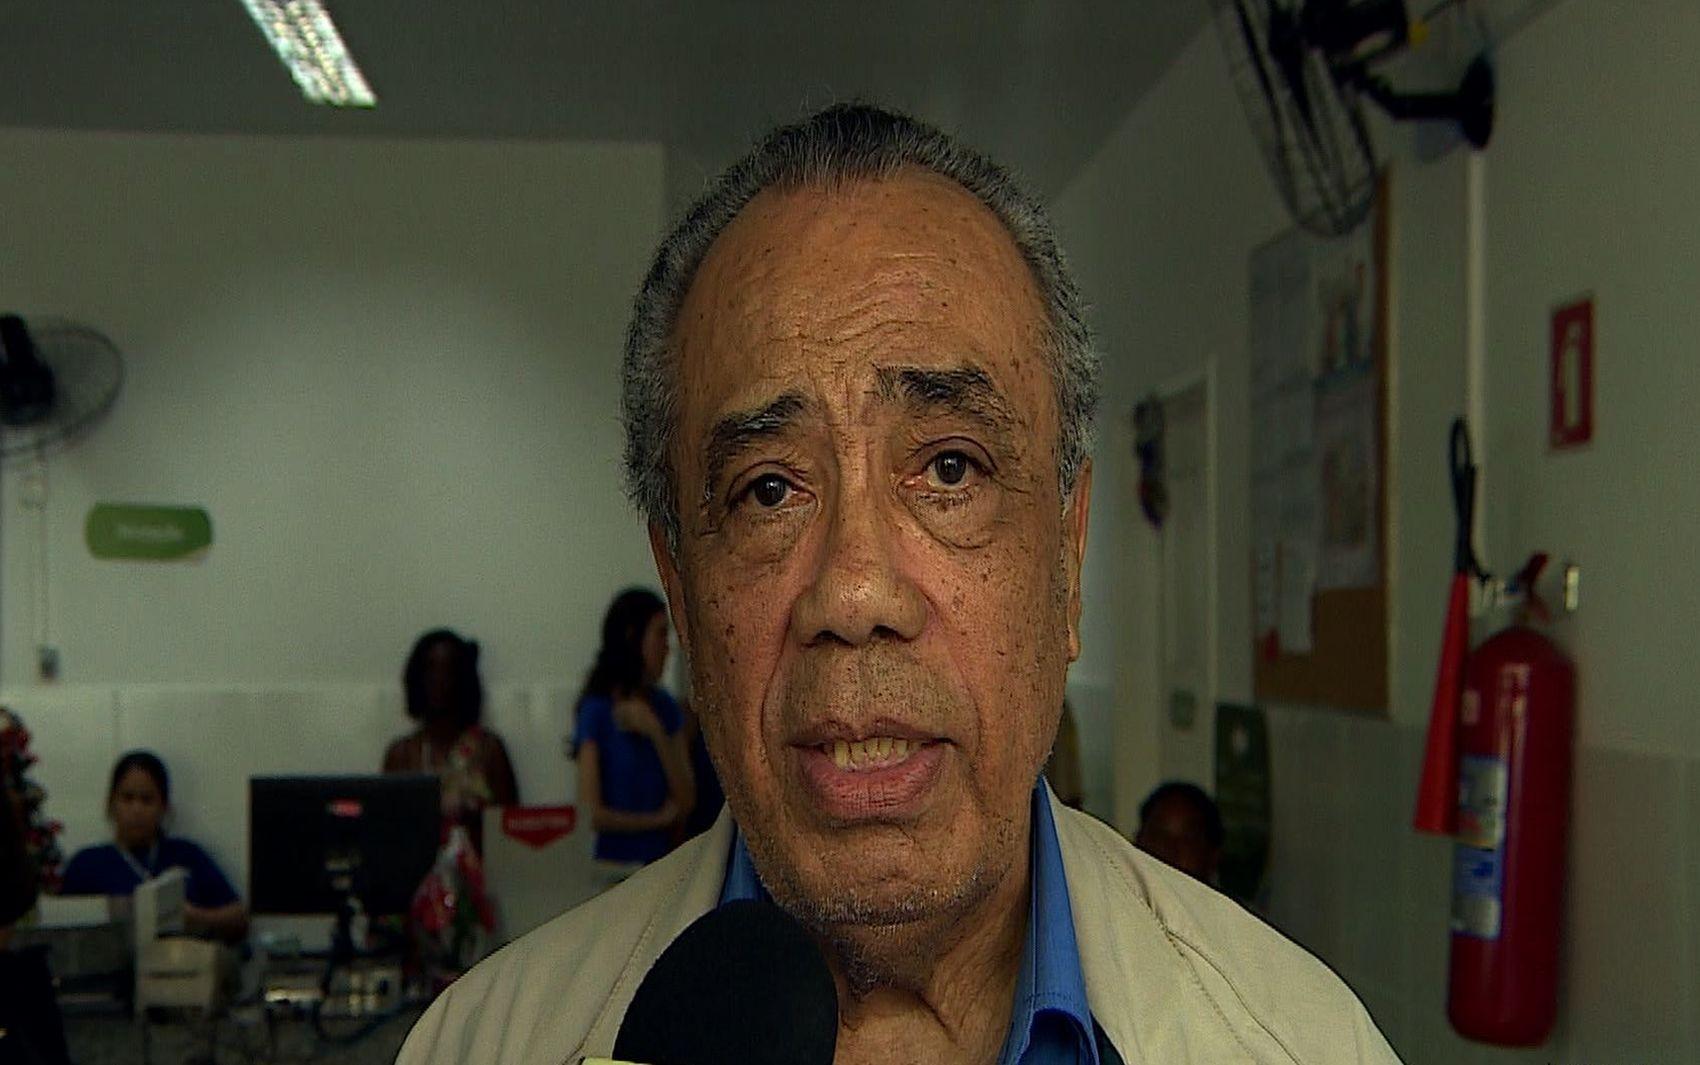 Estado de saúde do ex-governador João Alves Filho é grave, diz família - Notícias - Plantão Diário